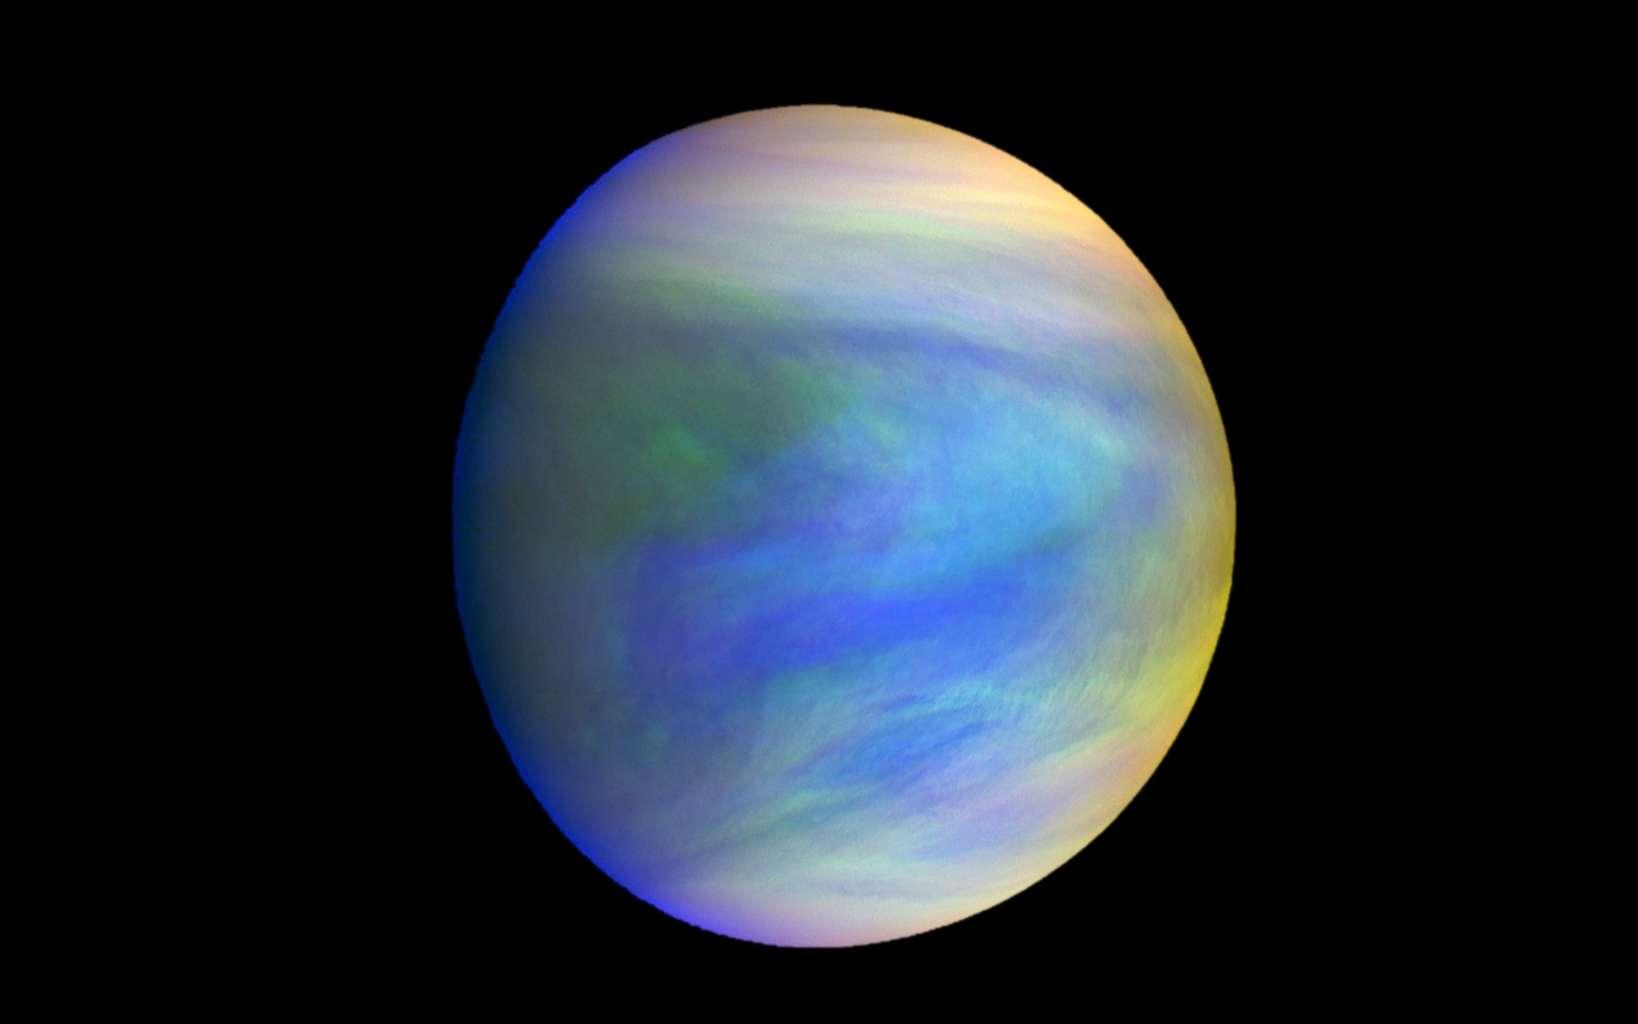 Image composite de Vénus capturées par la sonde Akatsuki. Les nuages sombres dans les basses couches de son atmosphère pourraient abriter des bactéries appréciant les environnements acides. © Institute of Space and Astronautical Science, Jaxa